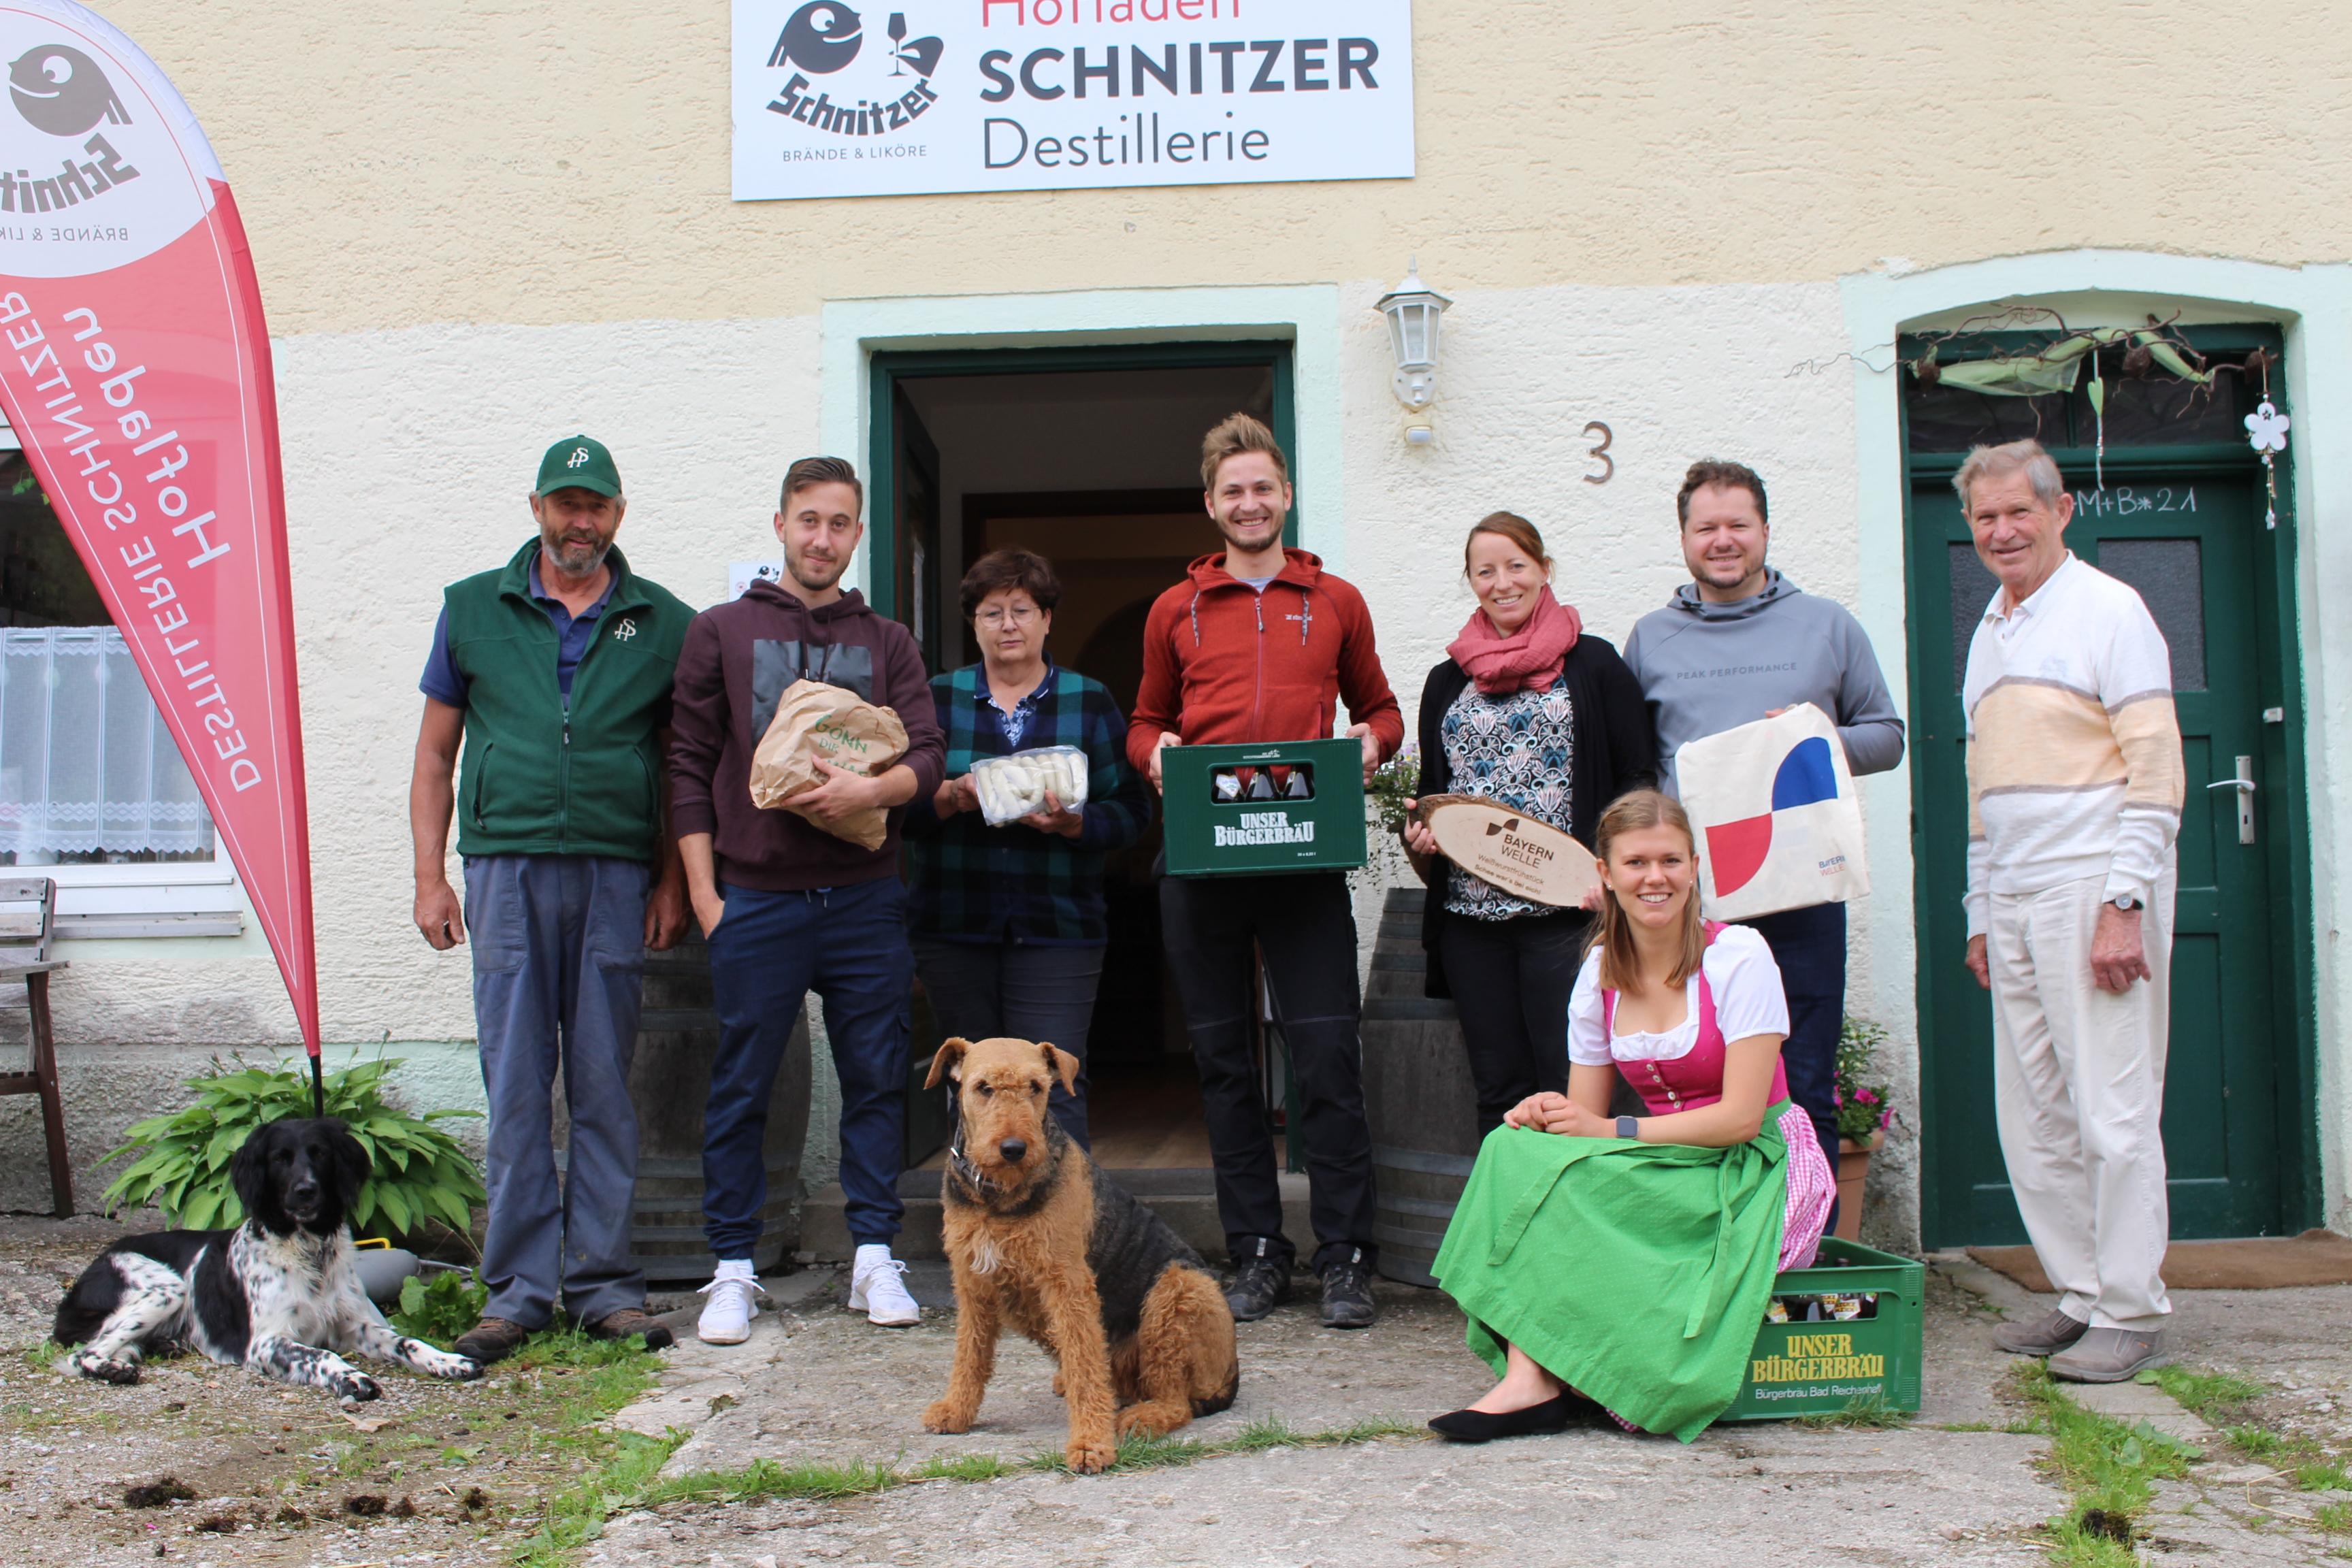 WWF Destillerie Schnitzer